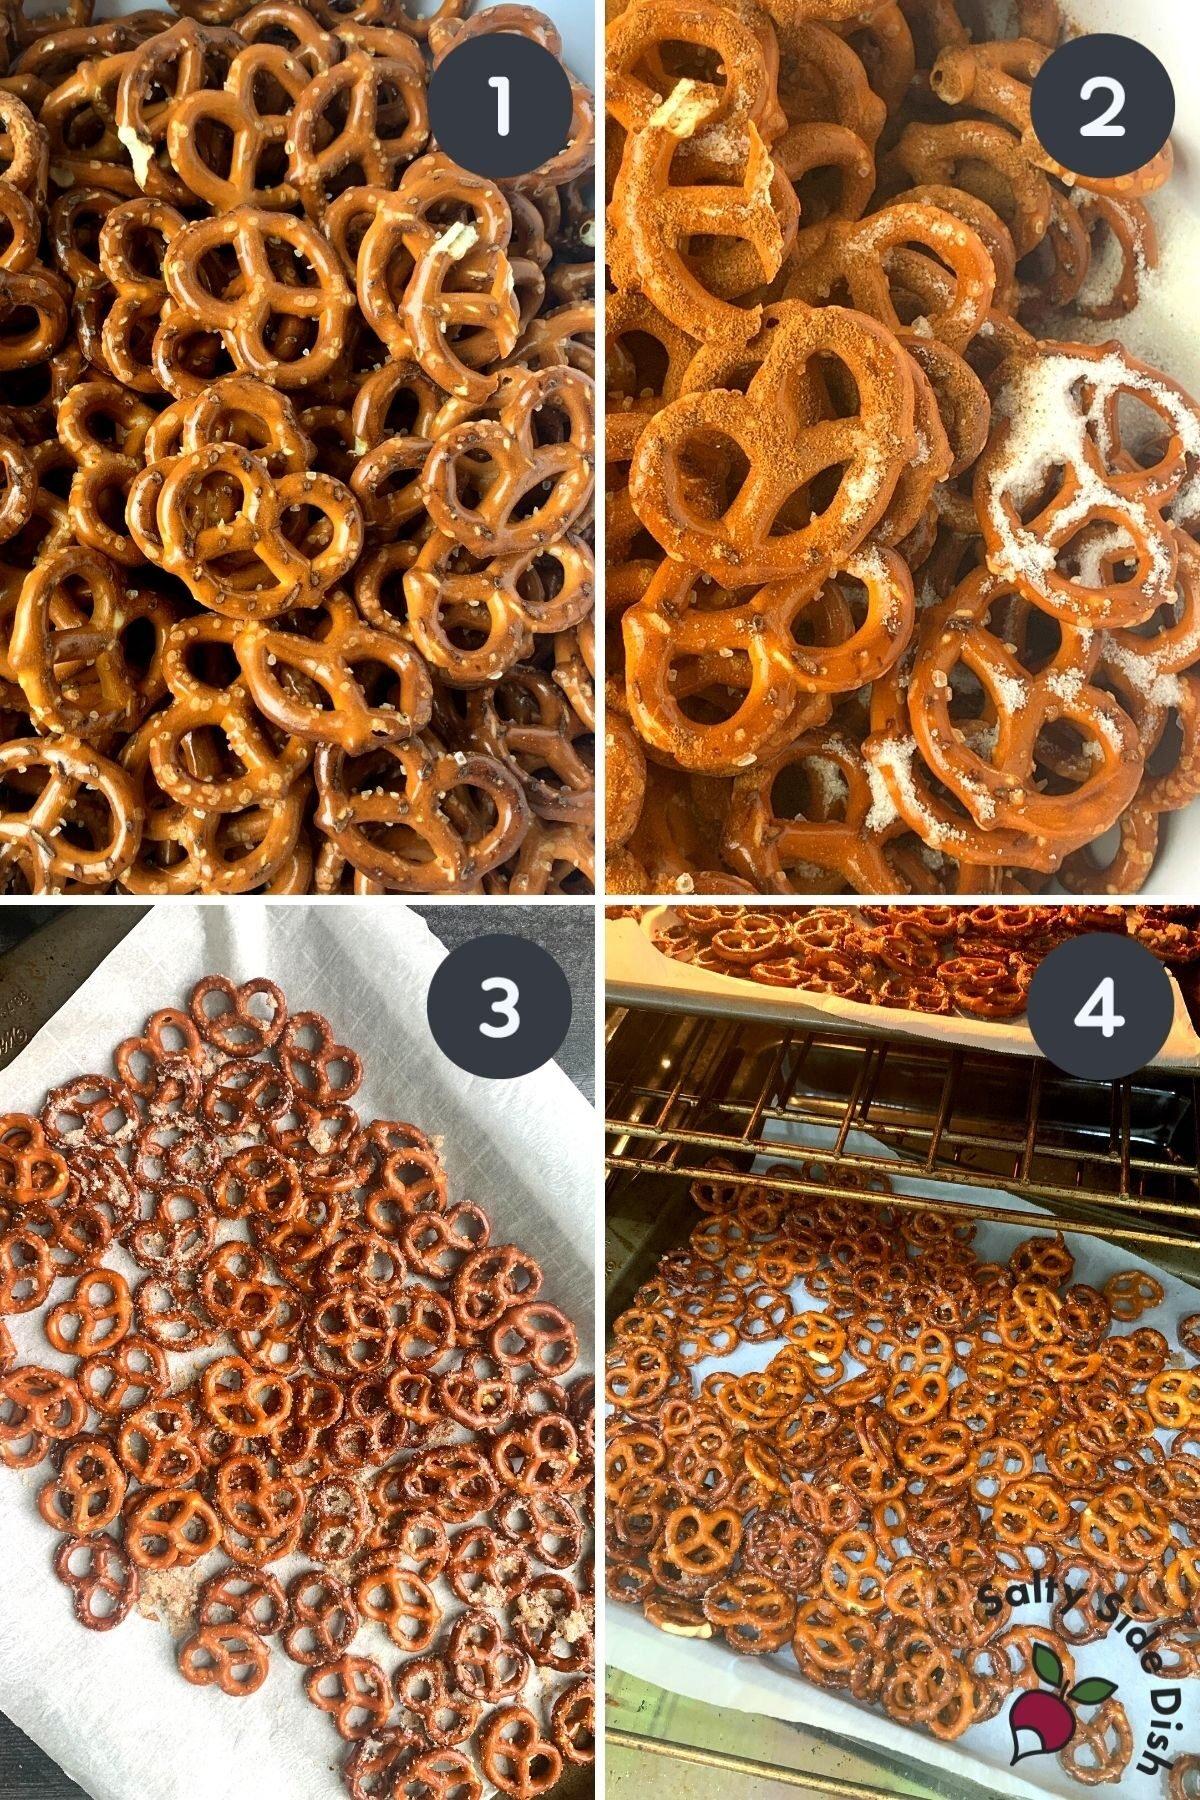 cinnamon sugar pretzels in oven.